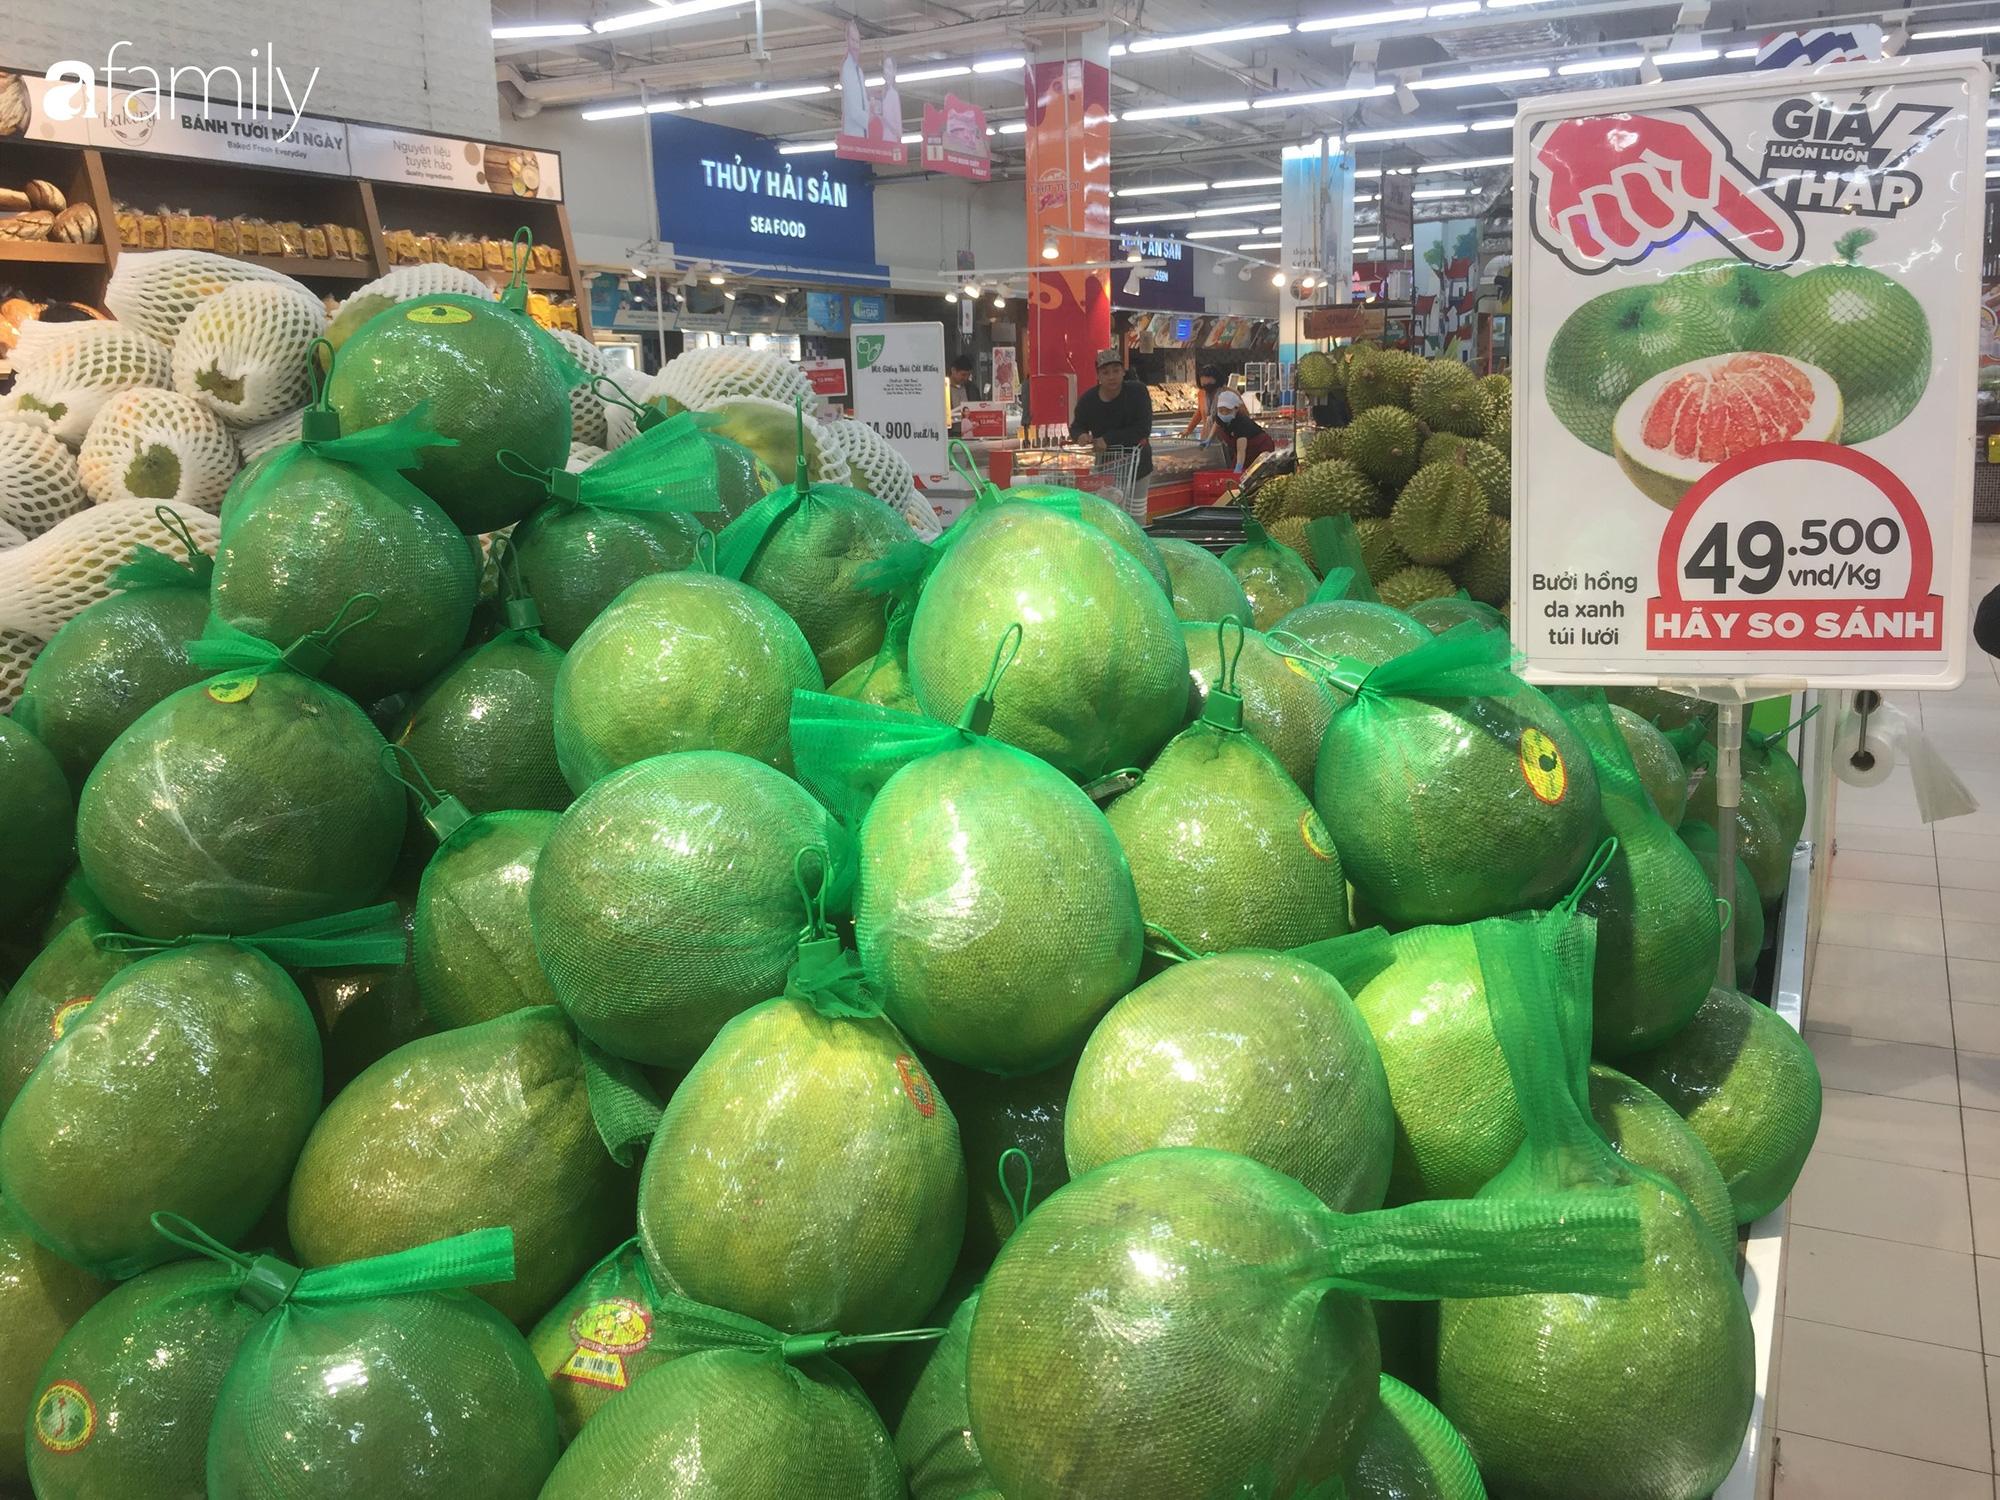 Giá hoa quả trong siêu thị rẻ gấp 3 lần so với thời điểm trước Tết, dưa hấu còn 6.700 đồng/kg - Ảnh 10.